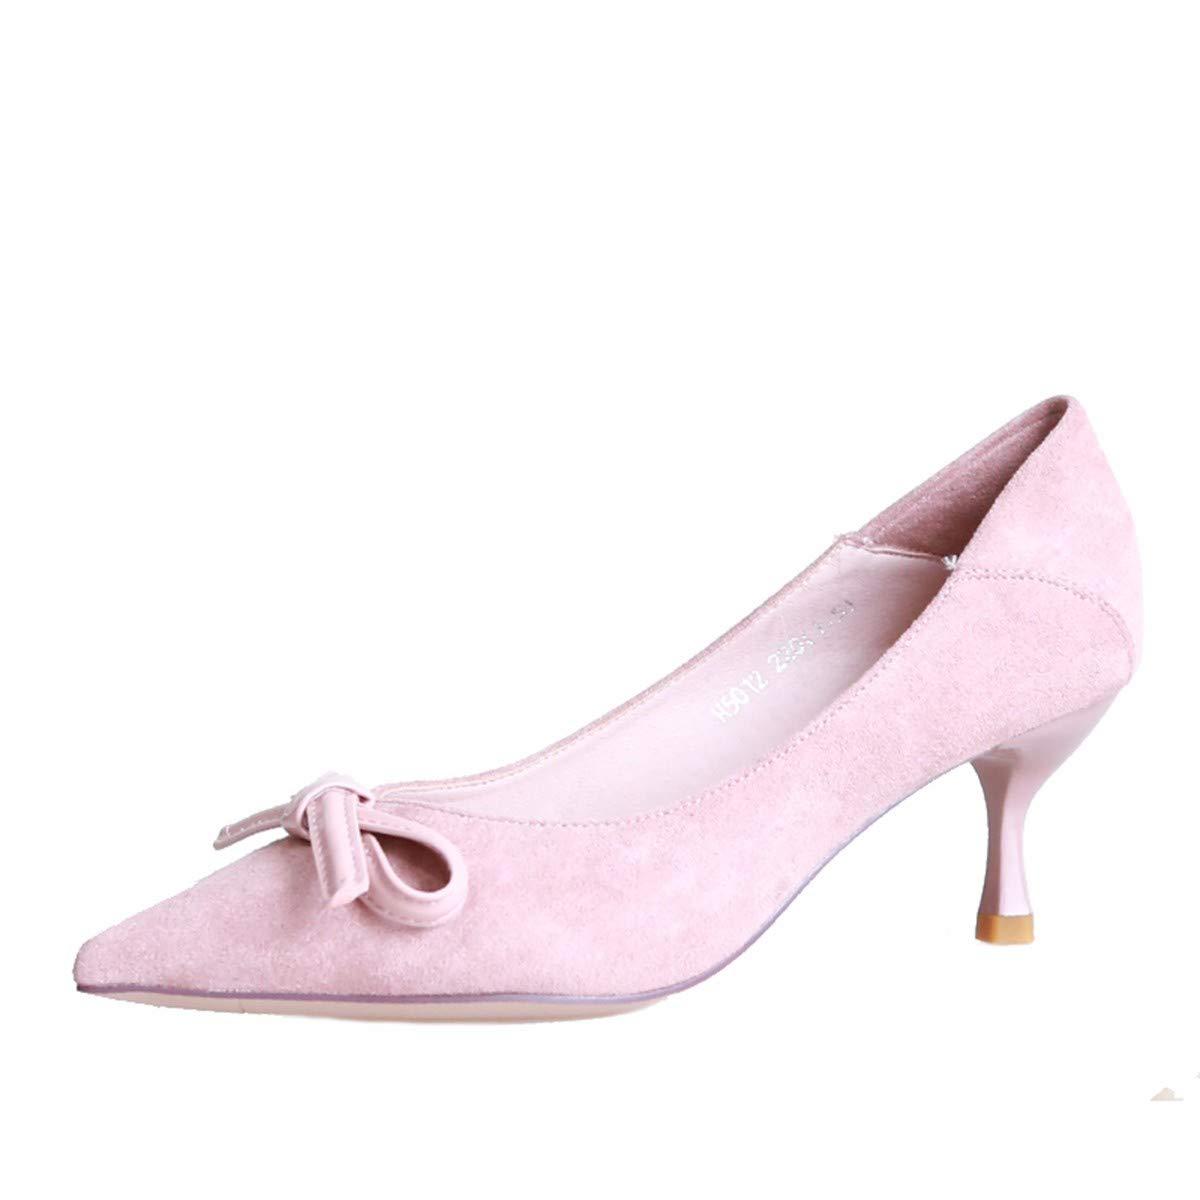 KPHY Damenschuhe/Herbst Mode Bogen Sagte Sagte Sagte Schuhe Dünne Heels Flachen Mund Schuhe Süß Einzelne Schuhe.38 Pink  - 2dc42b